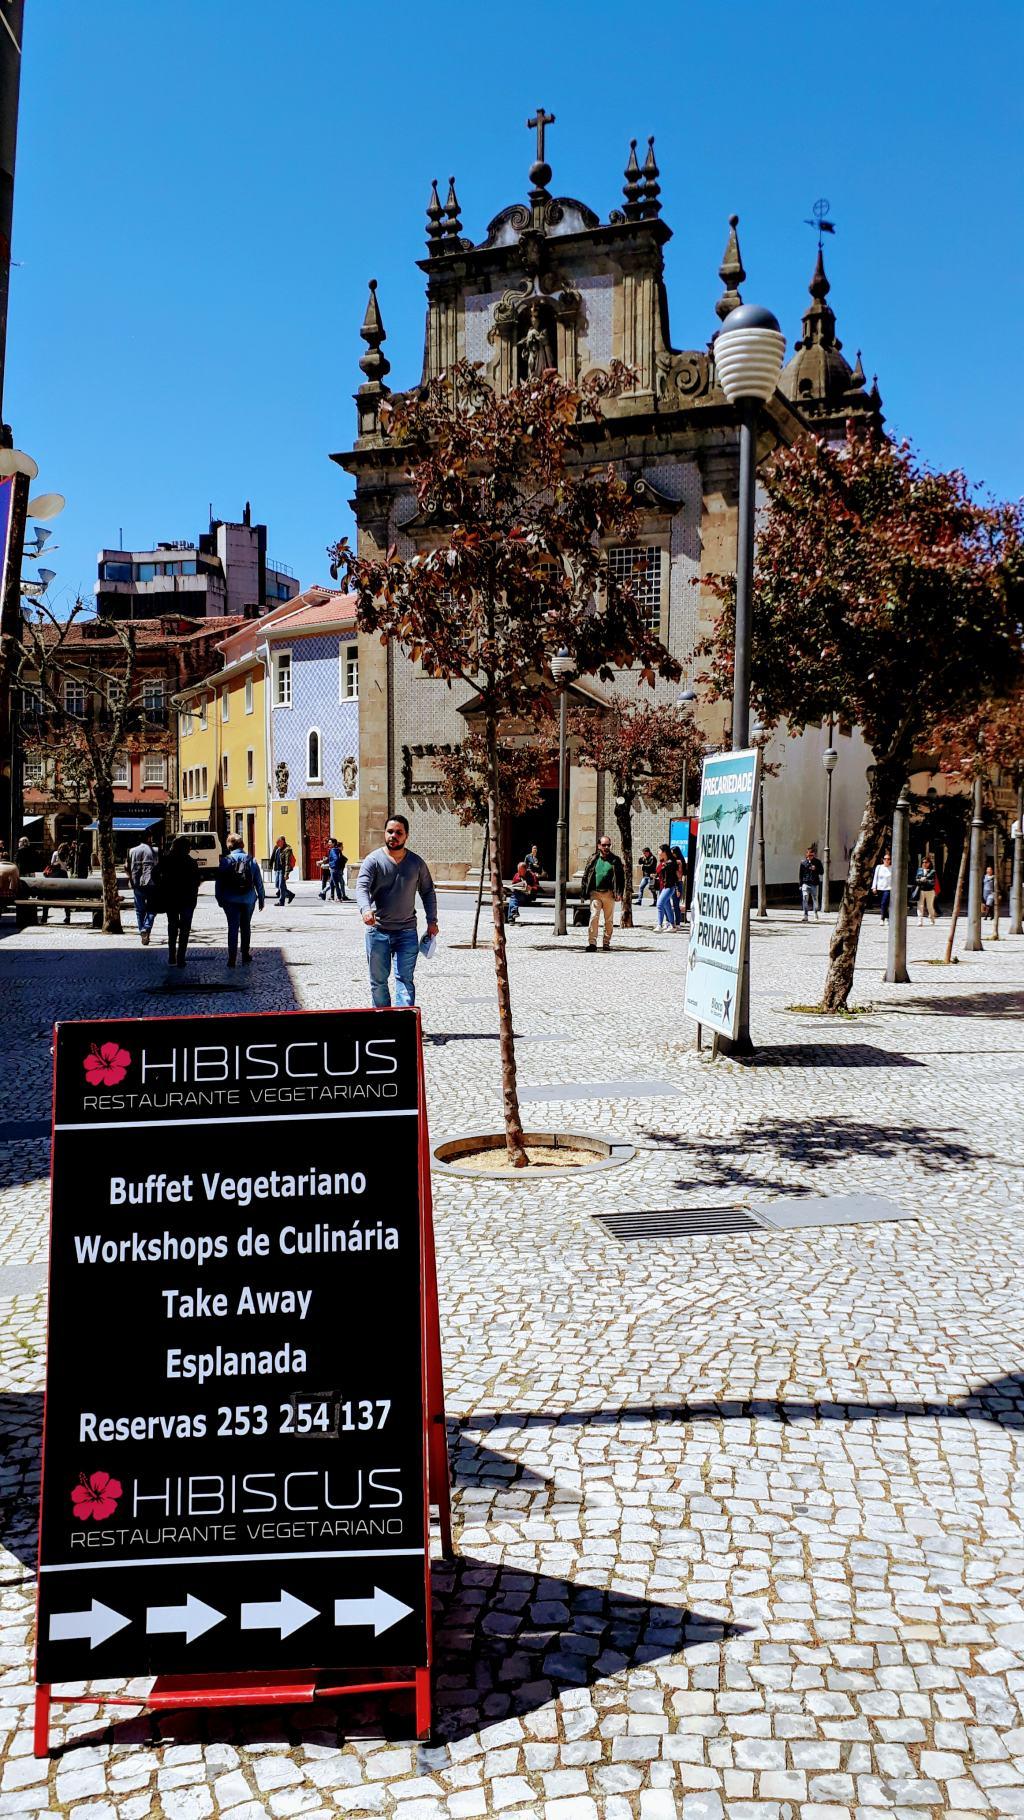 Igreja Dos Terceiros & Hibiscus